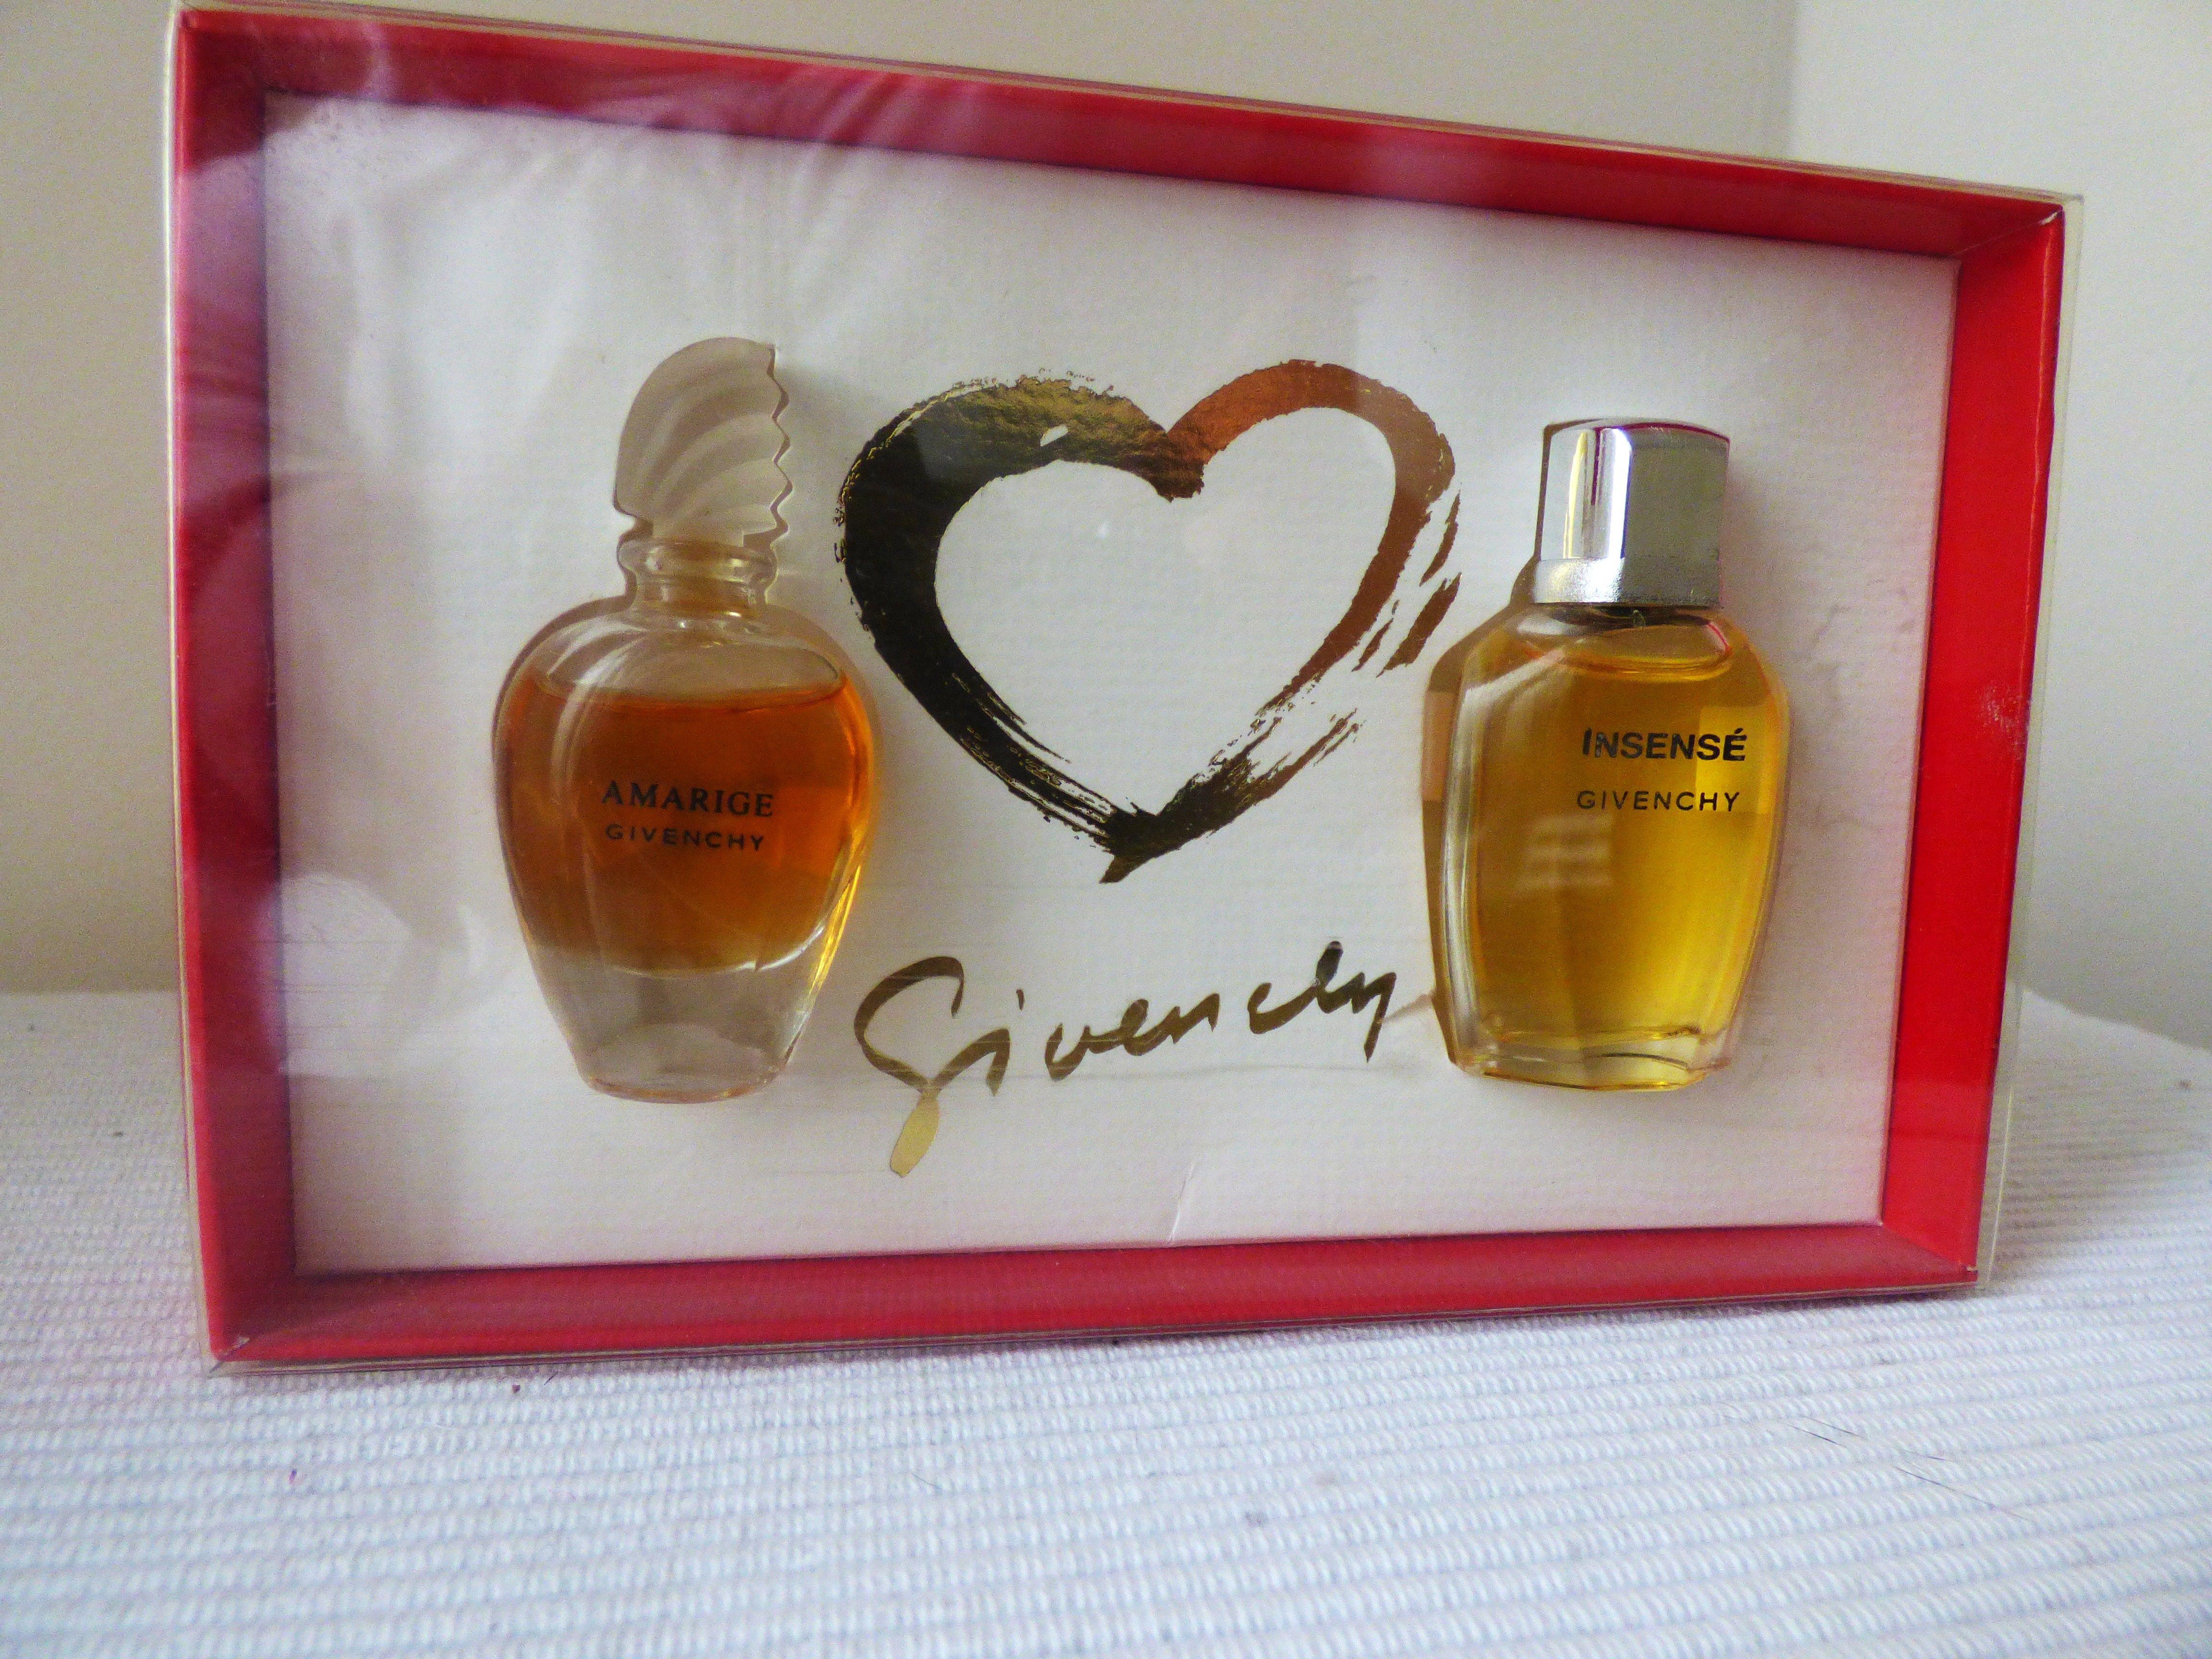 Coffret De Miniatures De Givenchy Pour La St Valentin Amarige Pour